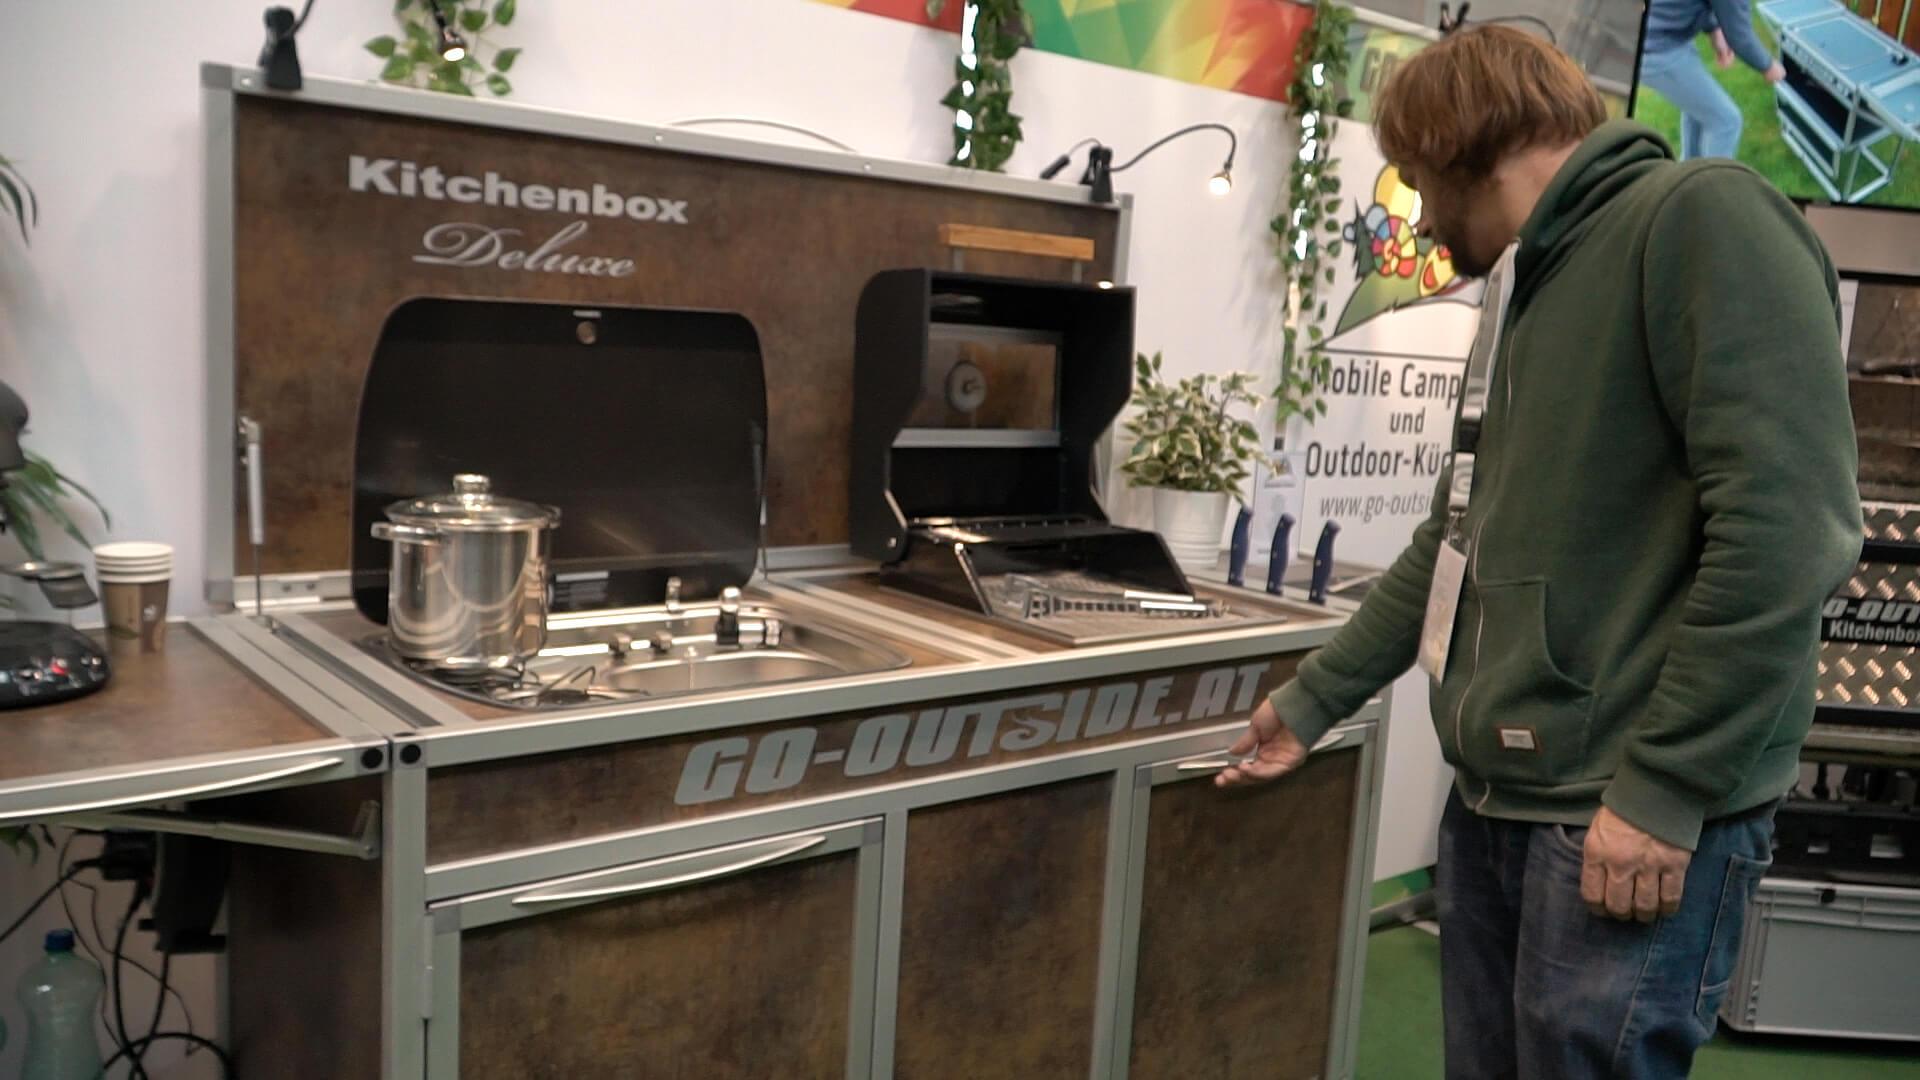 Mobile Outdoor Küche Camping : Mobile campingküche von go outside campingtech